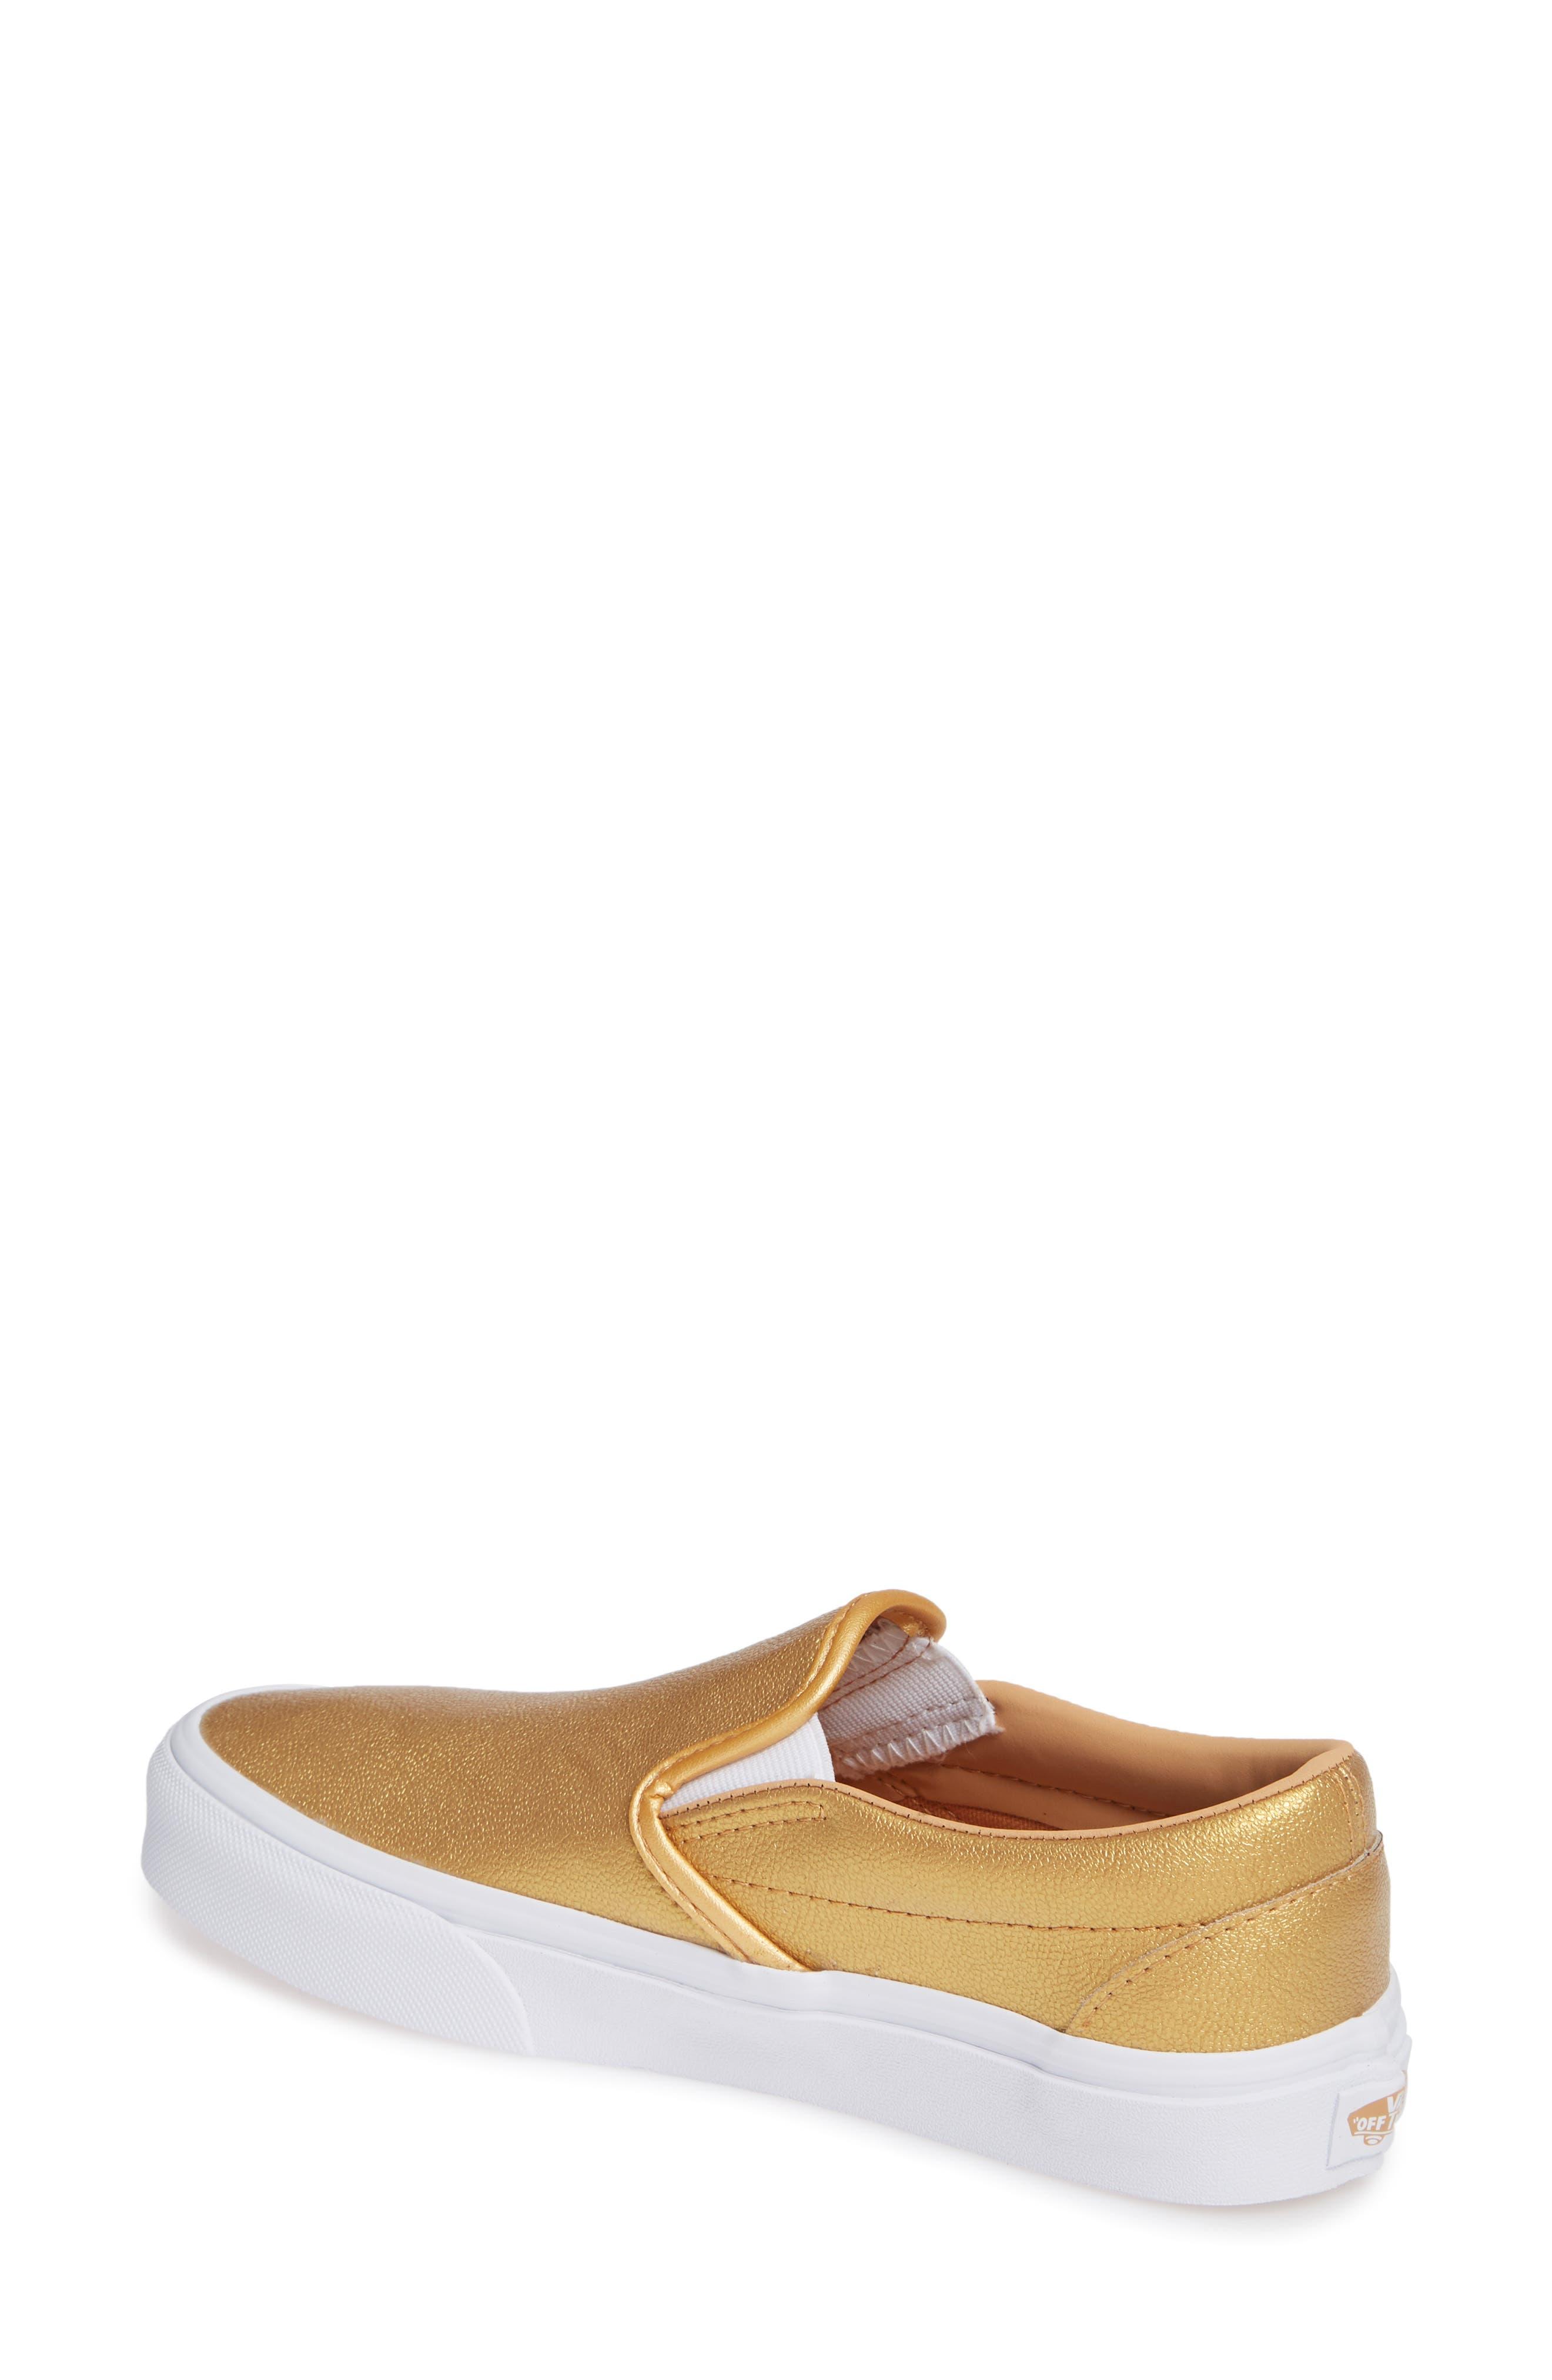 ,                             Classic Slip-On Sneaker,                             Alternate thumbnail 66, color,                             712